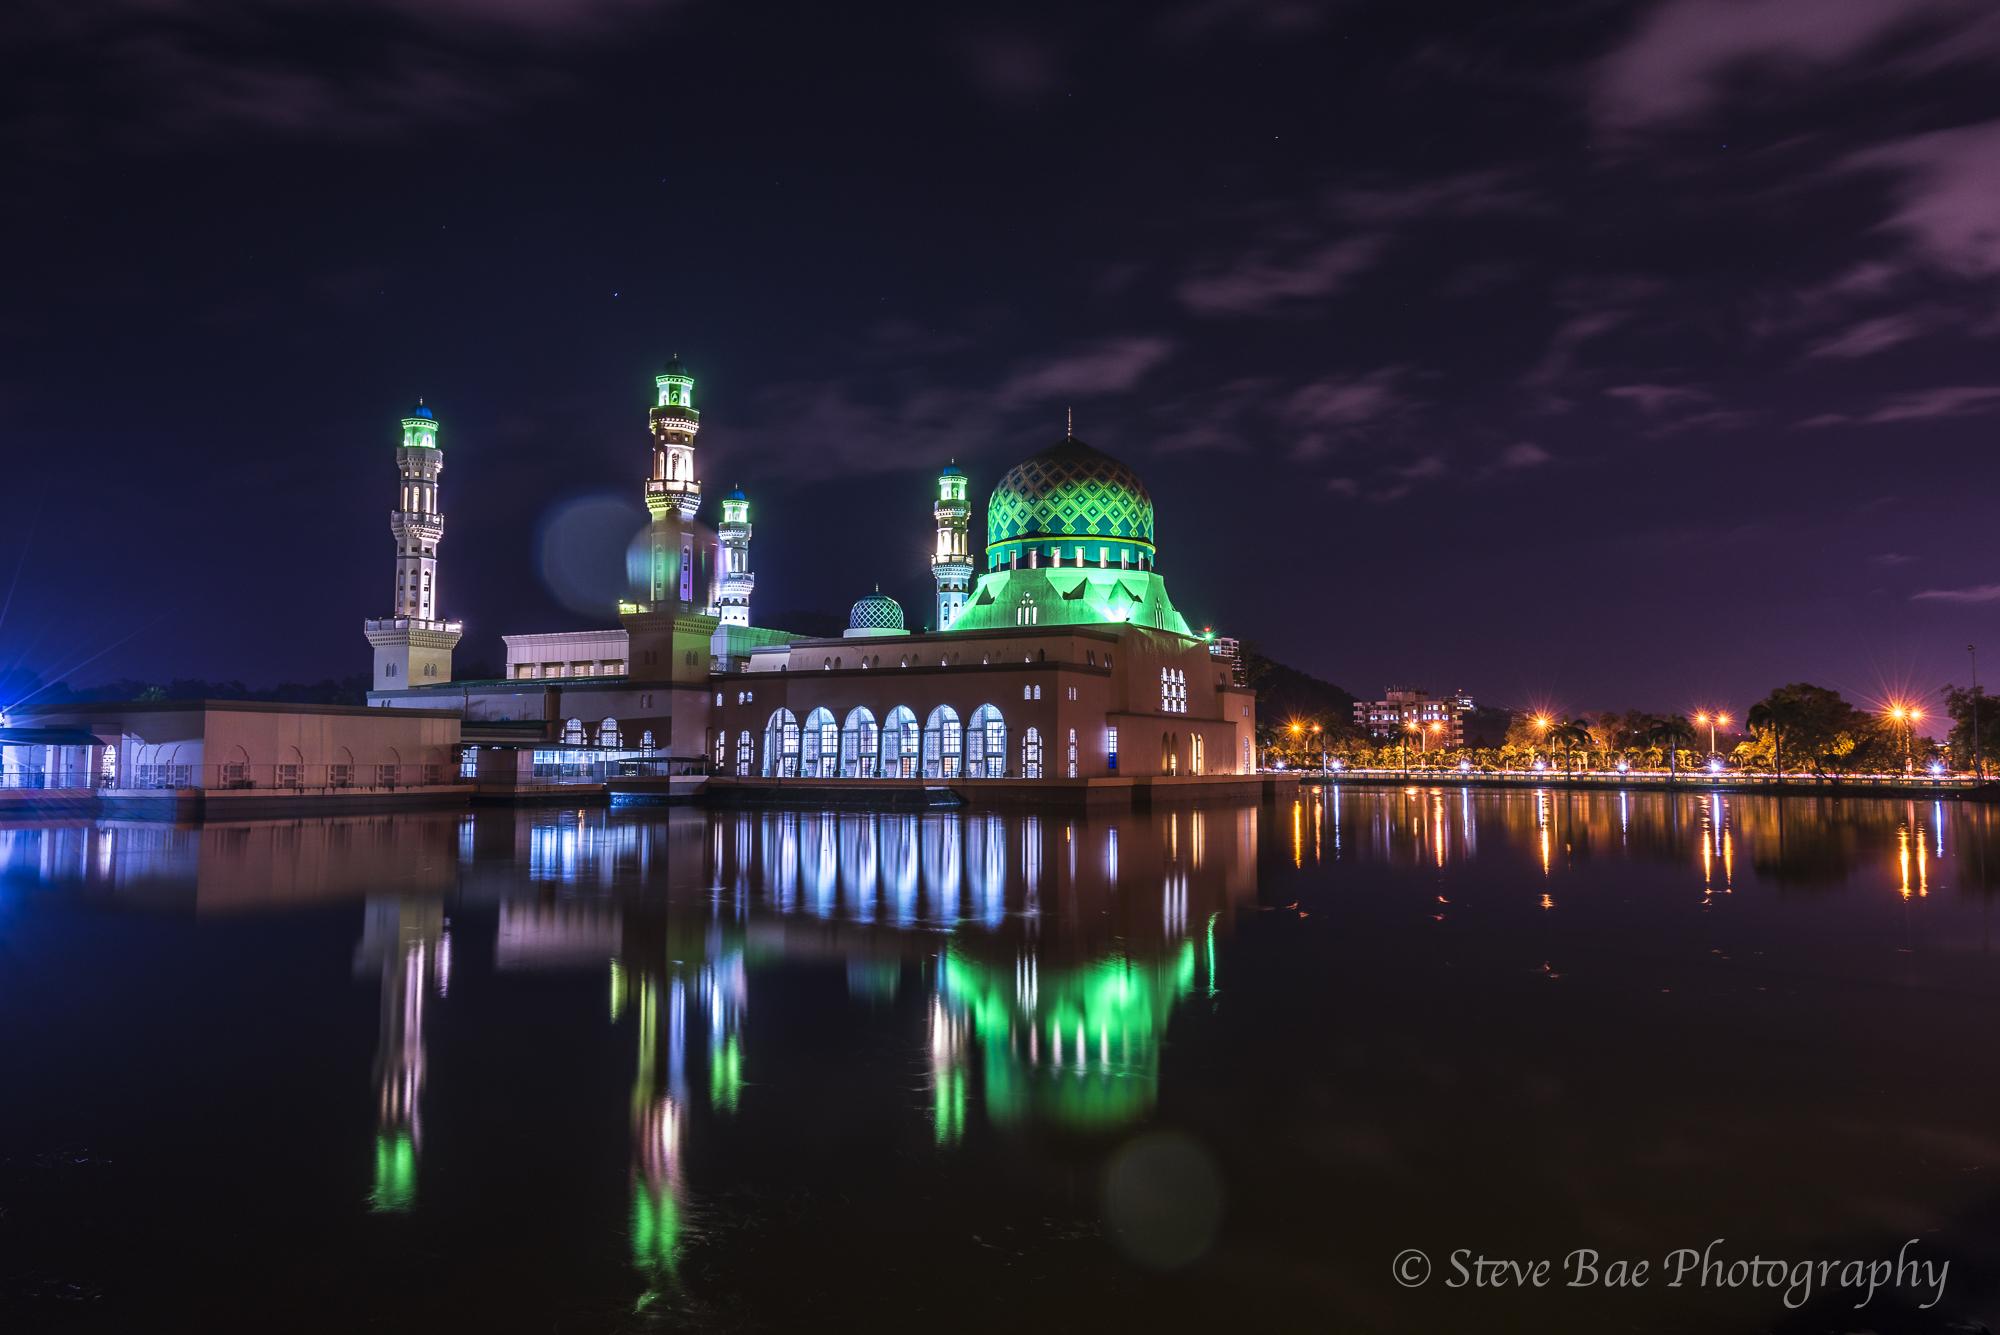 Masjid Bandaraya Mosque